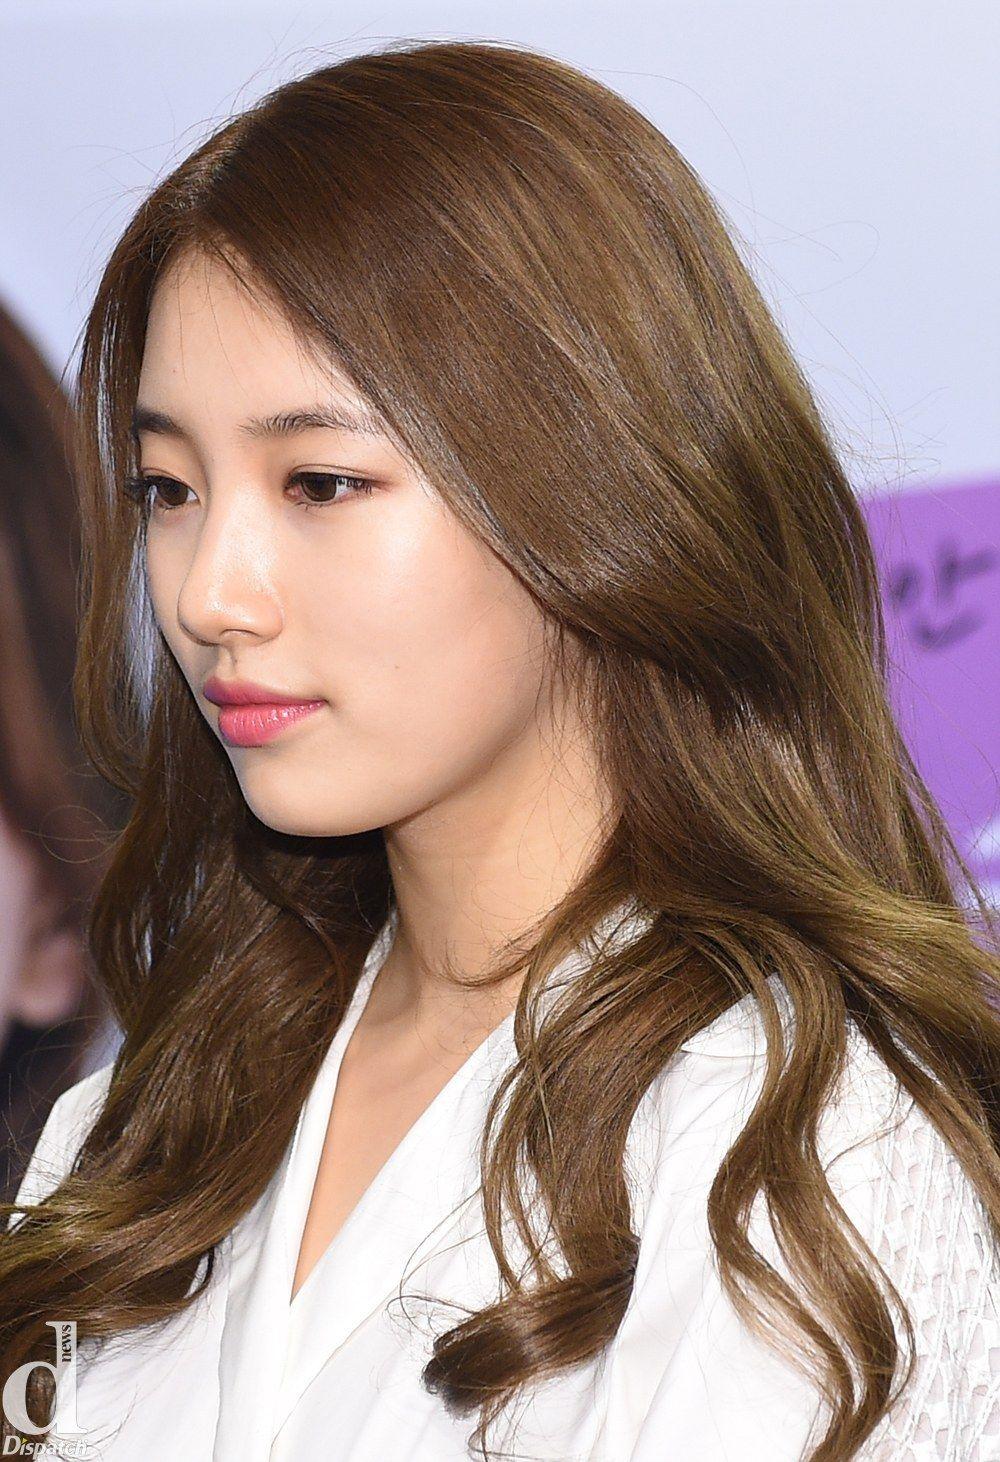 Kpop Idols Kpop Idol Girls Pretty Idols Pretty Kpop Idols Kpop Side Profile Pretty Side Profile Idols Suzy Si Beauty Girls Face Perfect Nose Asian Beauty